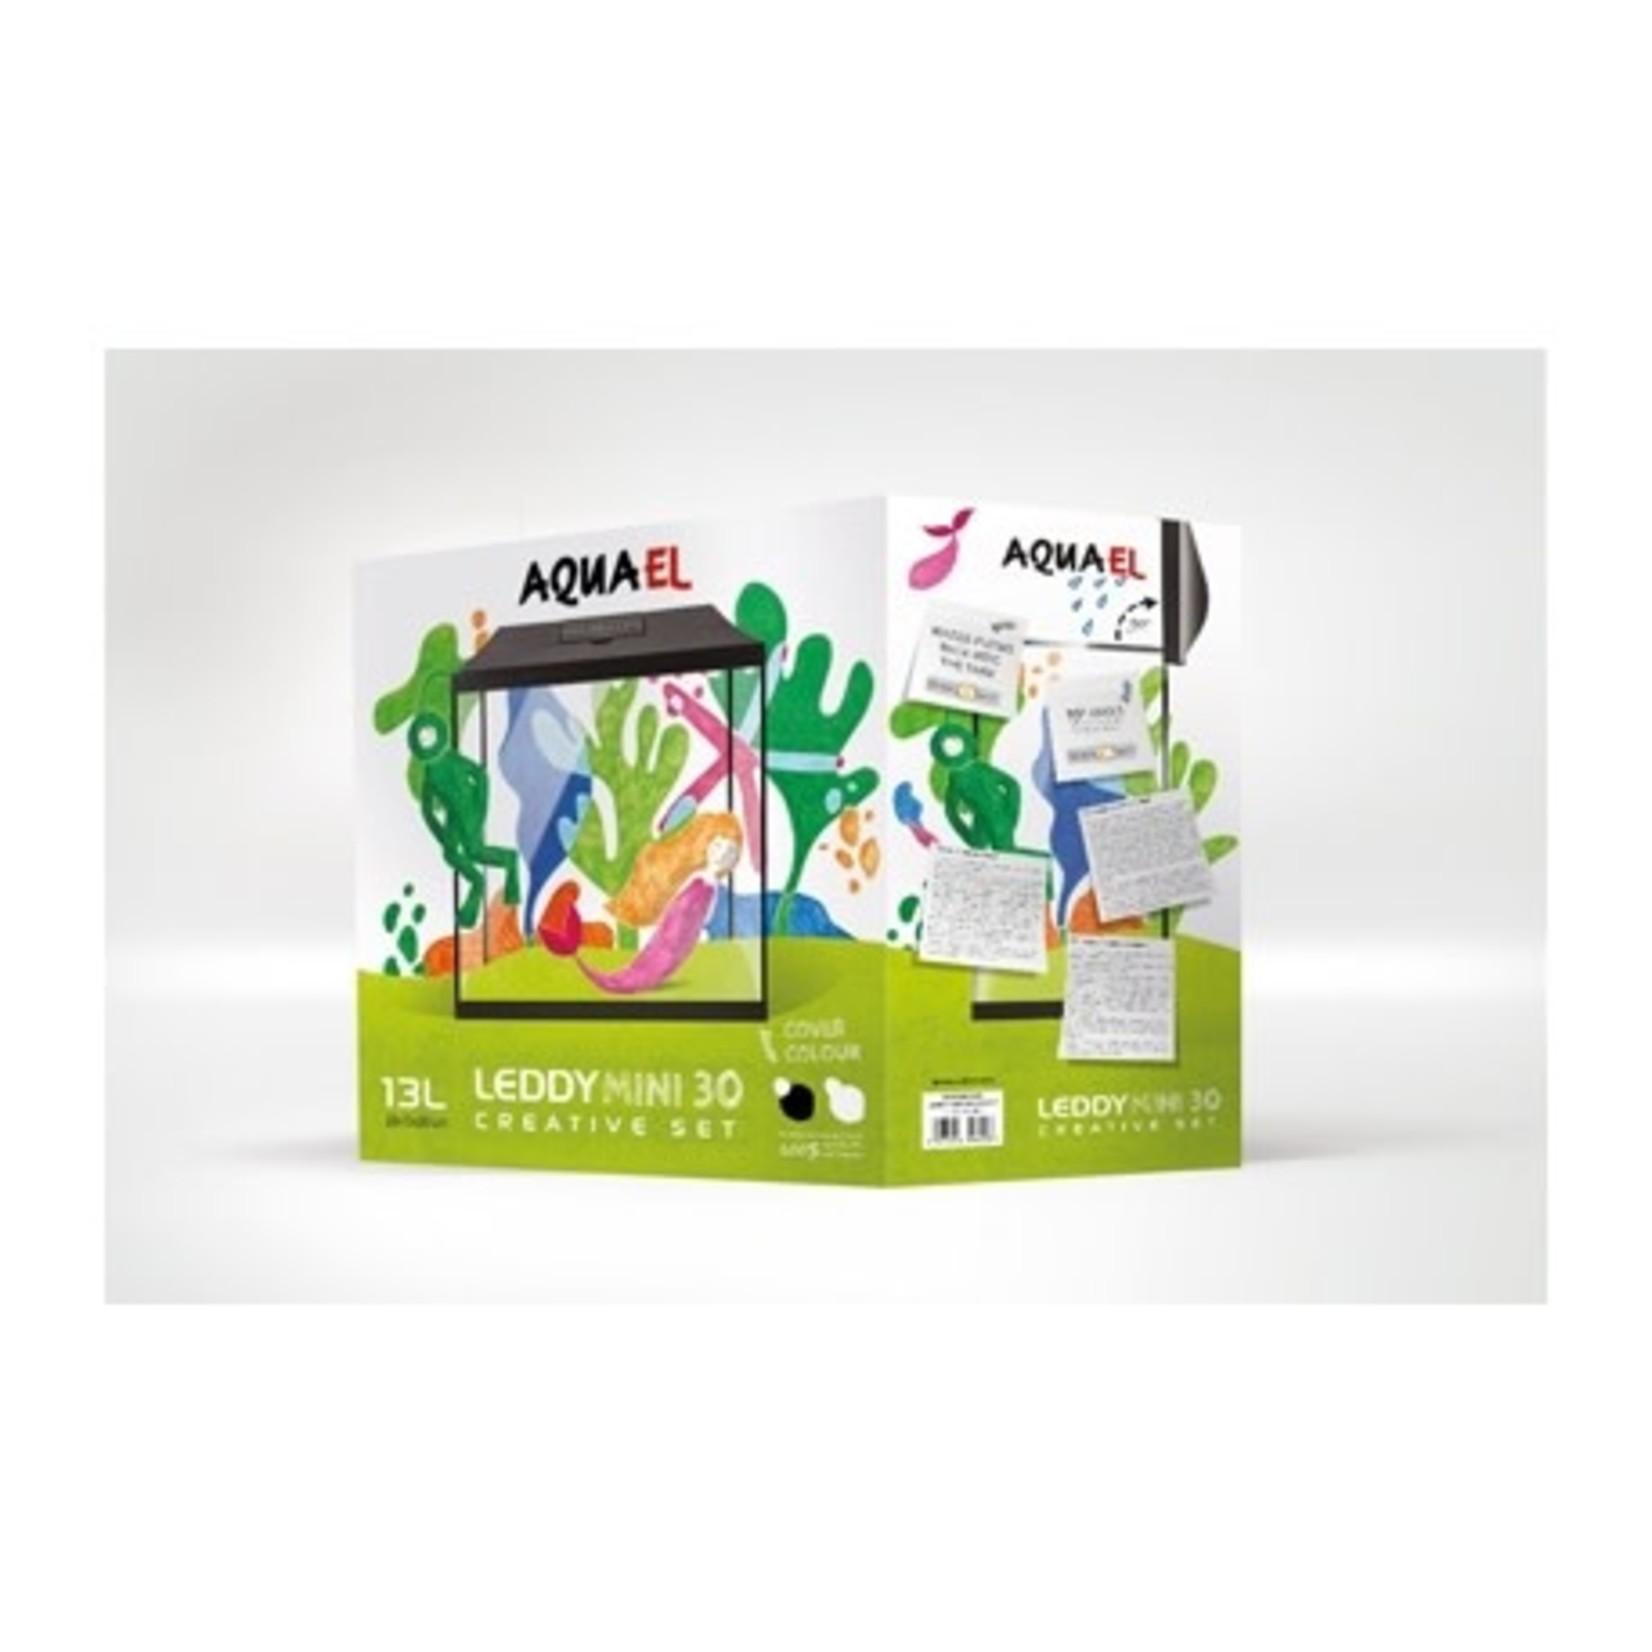 AquaEl LEDDY MINI set